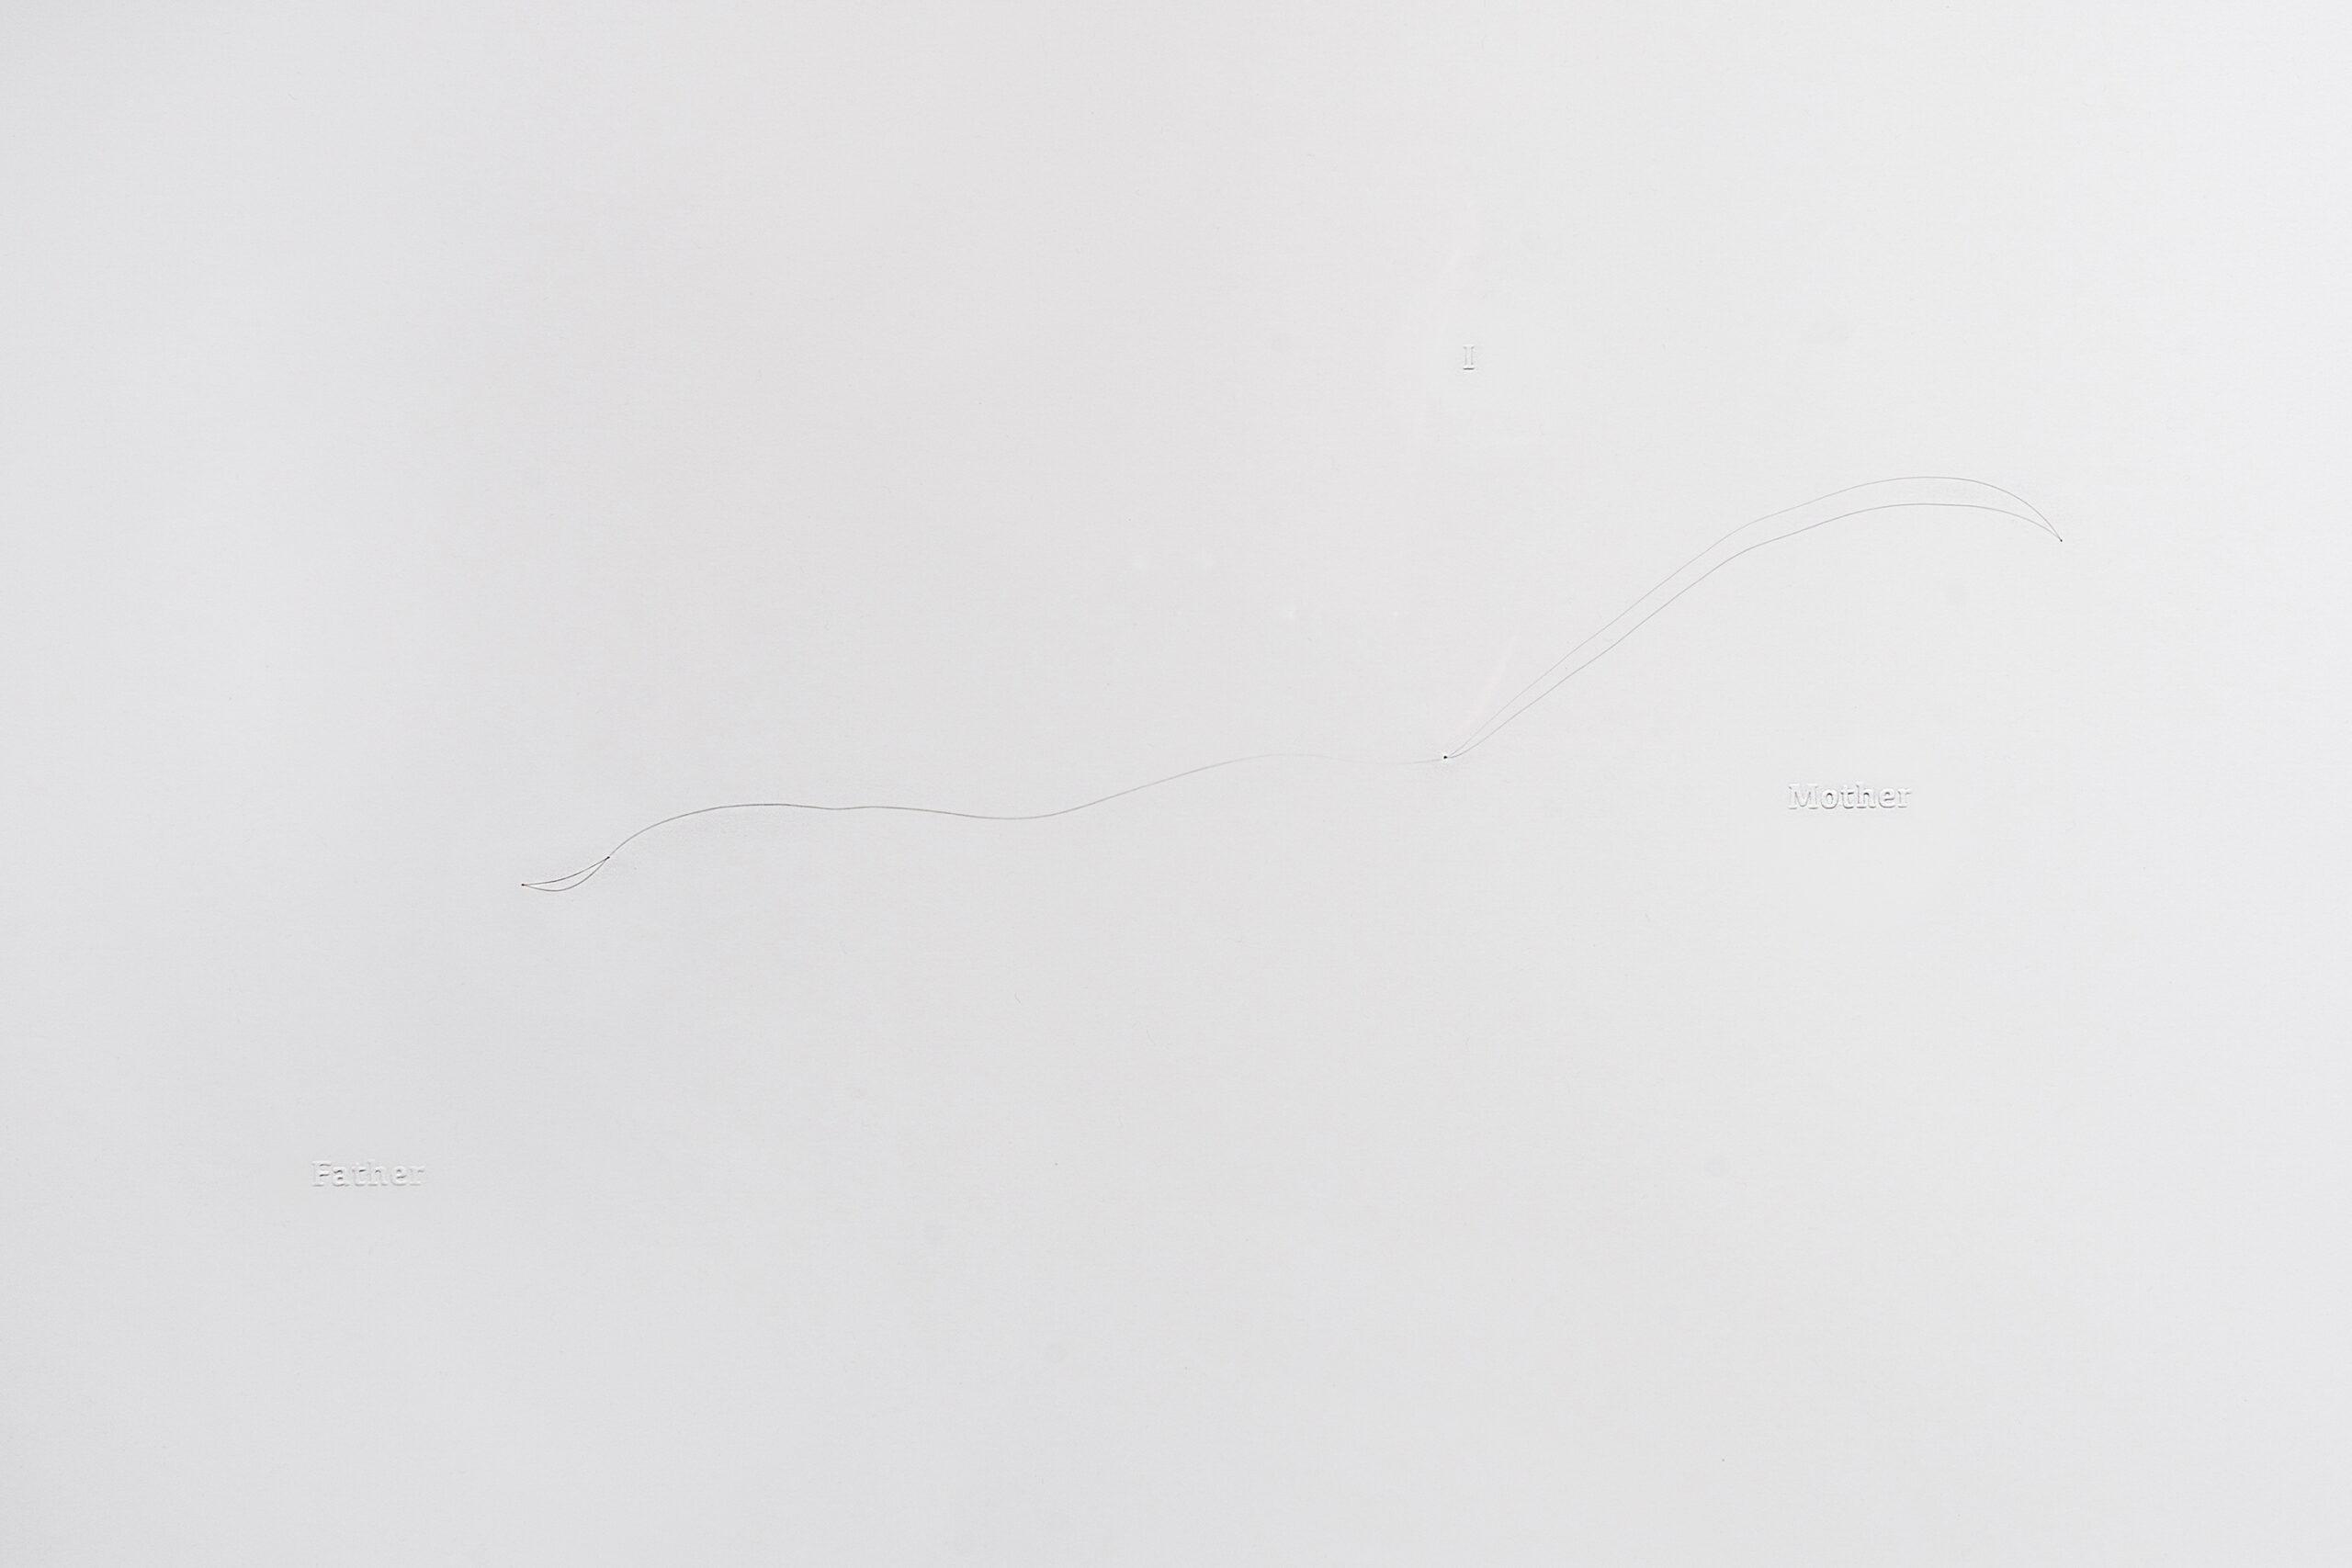 《失去之歌 III-I》(A Song for Loss III-I),版畫、打凸、髮絲,54X36cm,2020